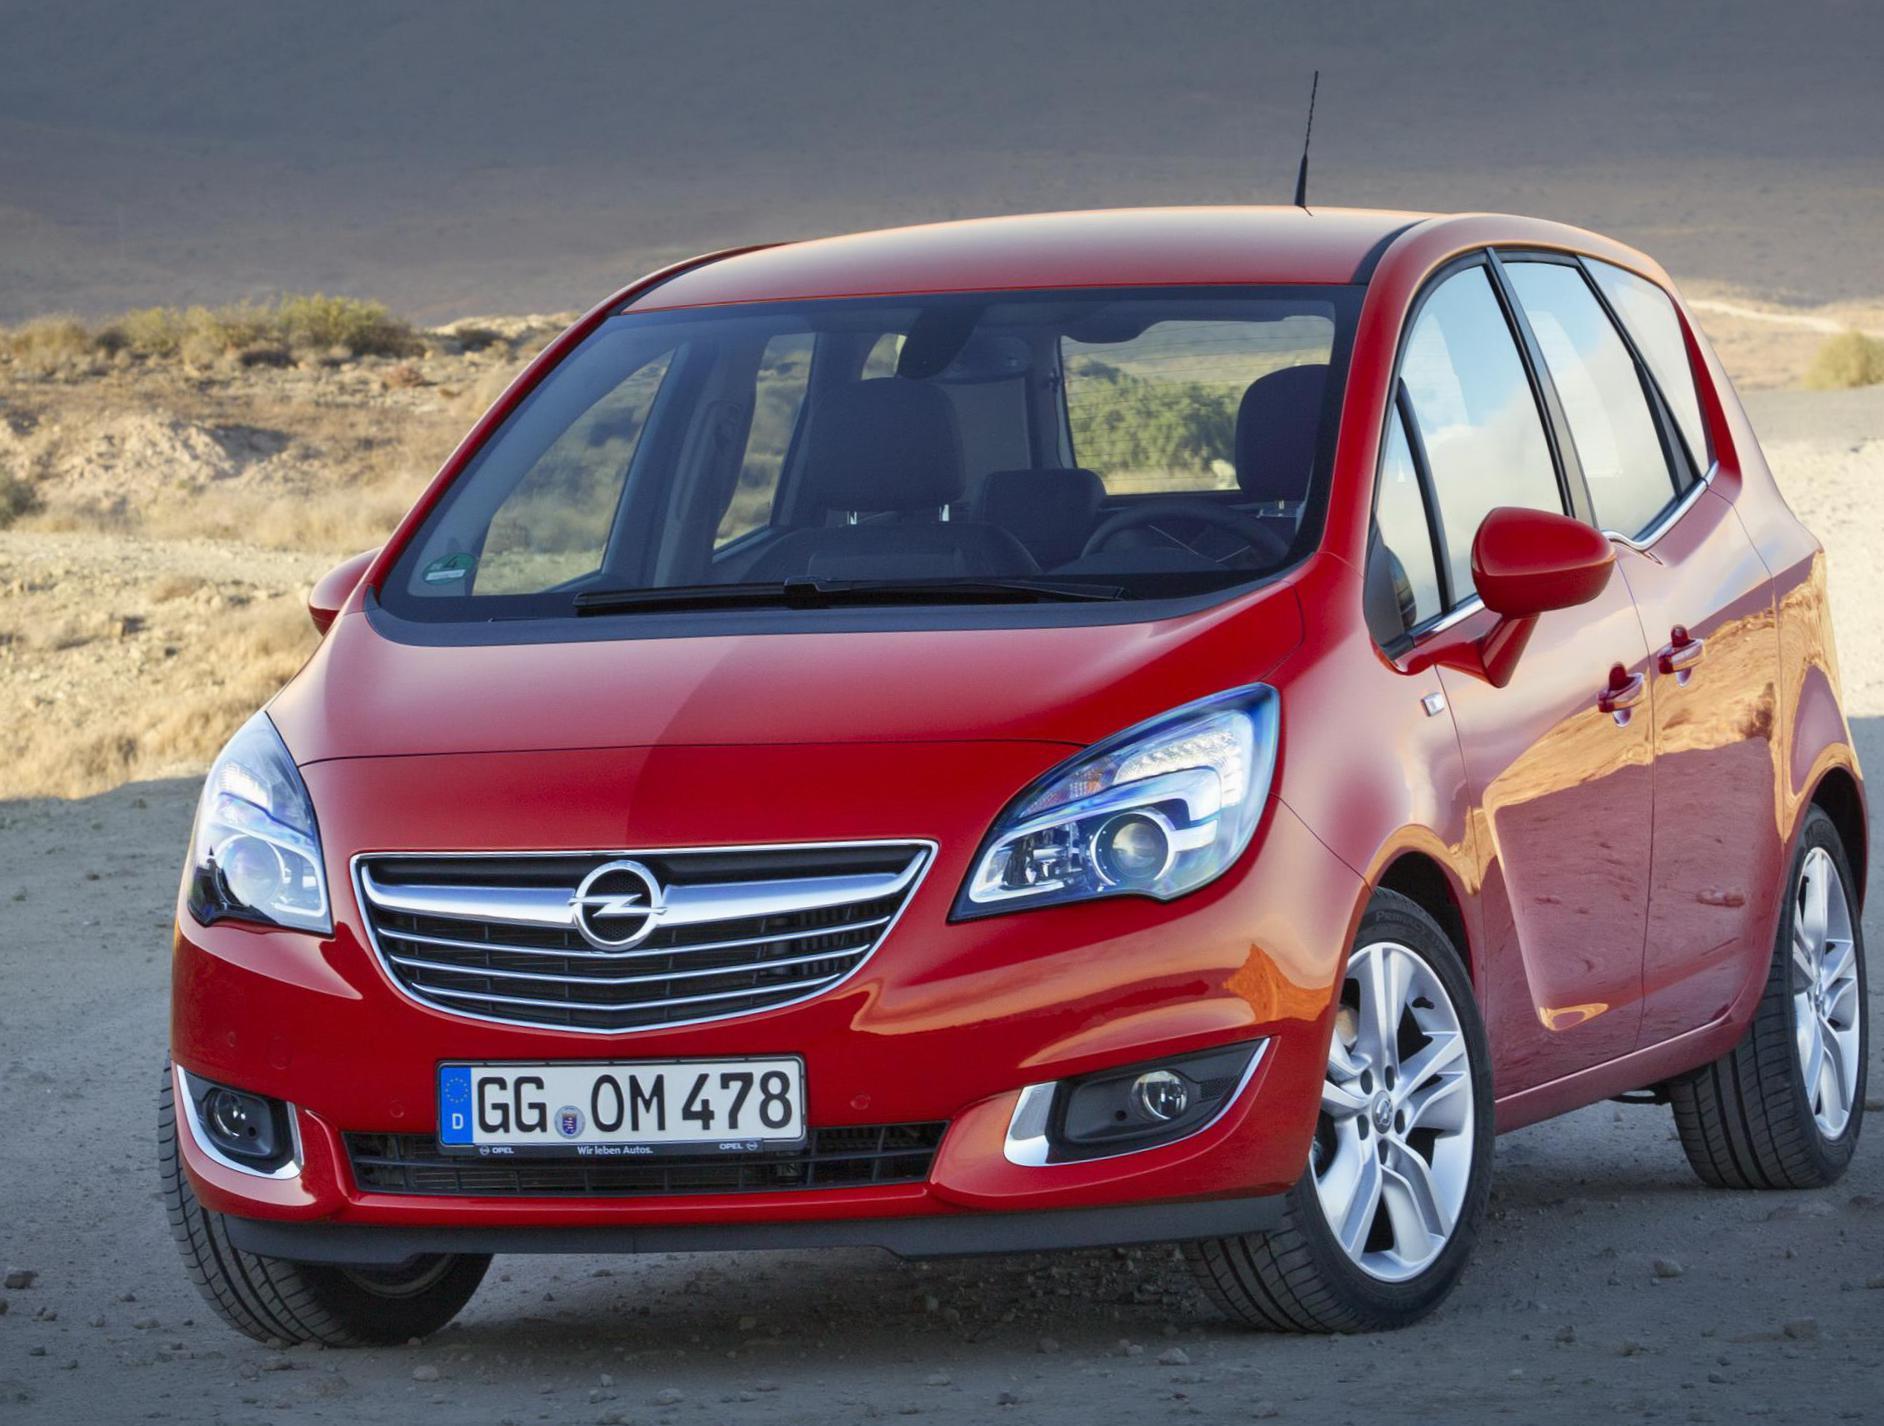 Opel Meriva B Photos And Specs Photo Meriva B Opel Tuning And 22 Perfect Photos Of Opel Meriva B